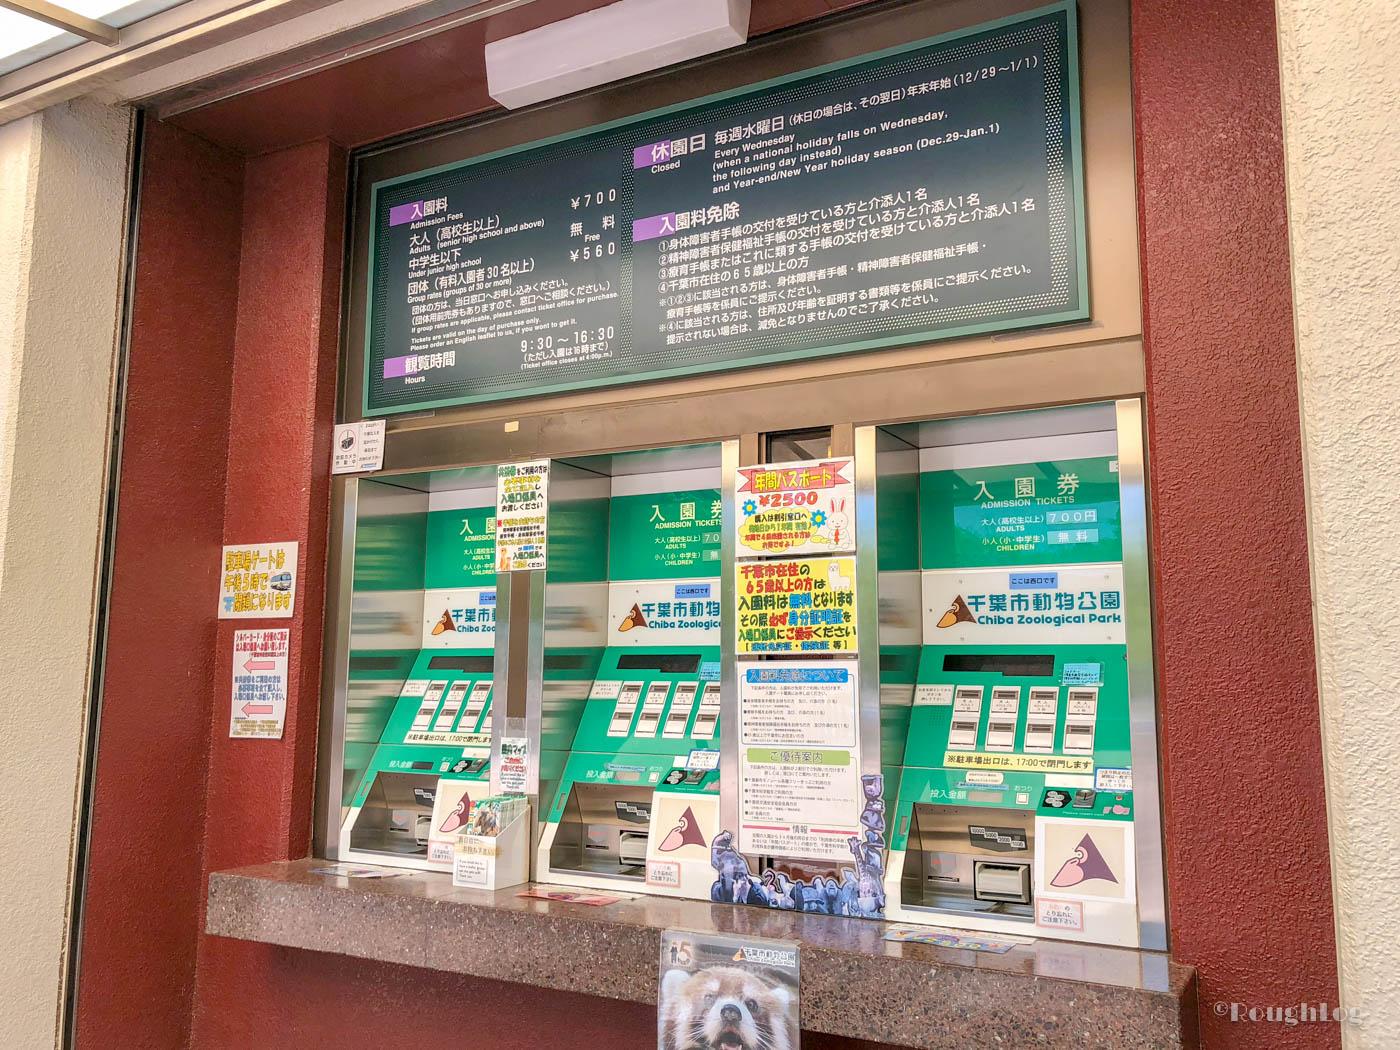 千葉市動物公園のチケット売り場